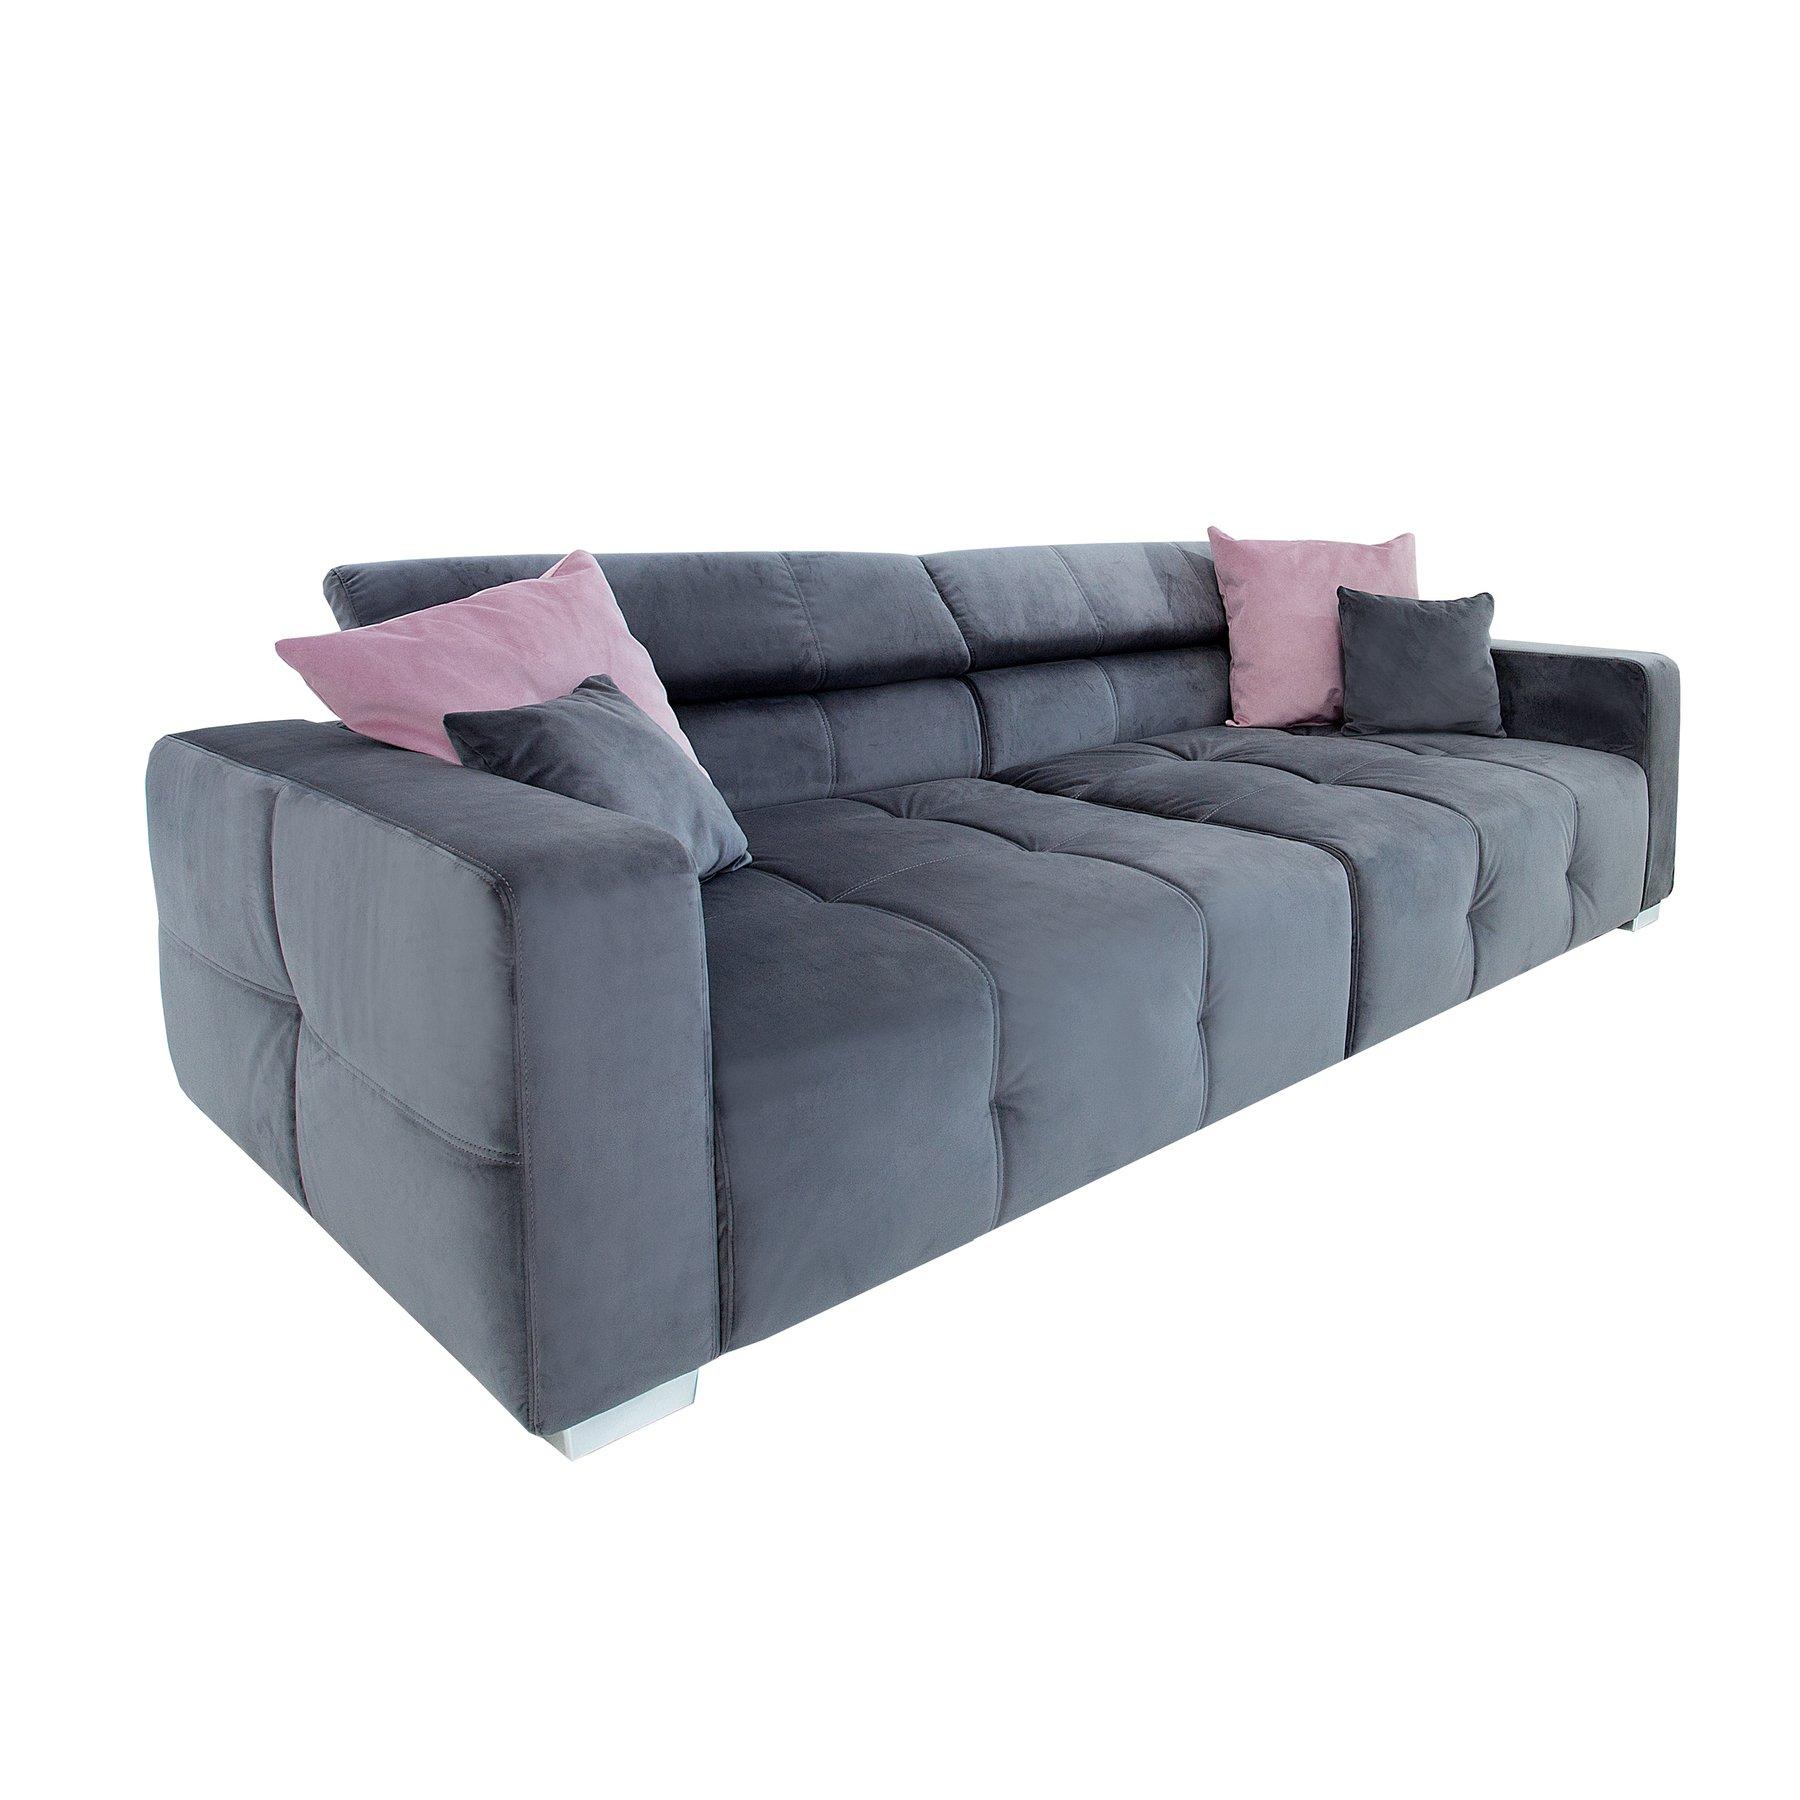 Invicta Interior Elegantes Big Sofa Heritage 290cm grau inkl. Kissen  Verstellbare Kopfstütze Couch Wohnzimmer | Samtmöbel